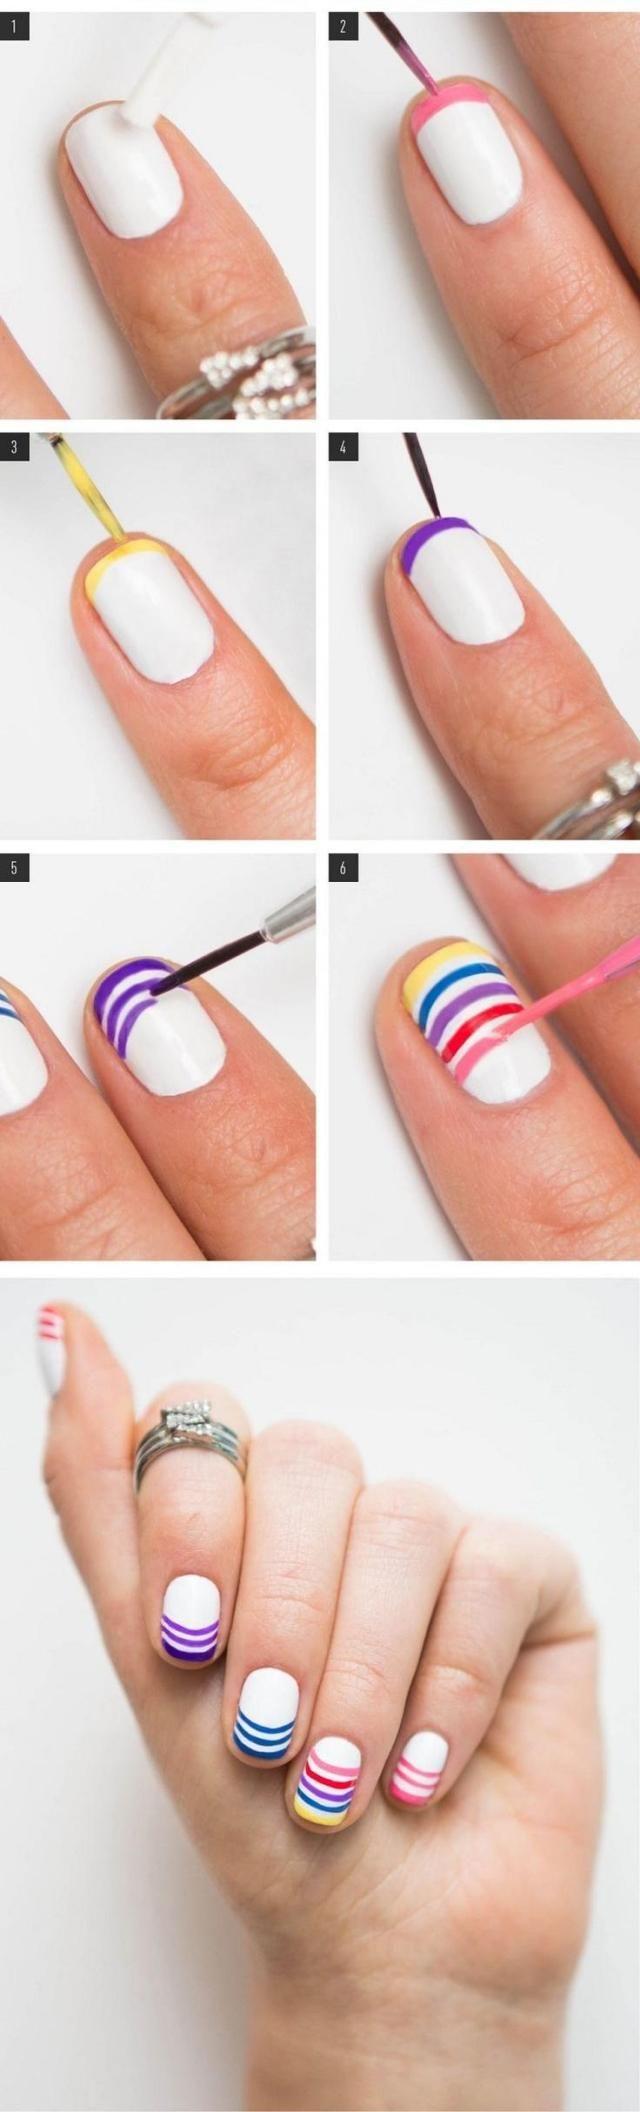 Nagel Design Selbermachen Anleitung Bunte Streifen Fingernägel